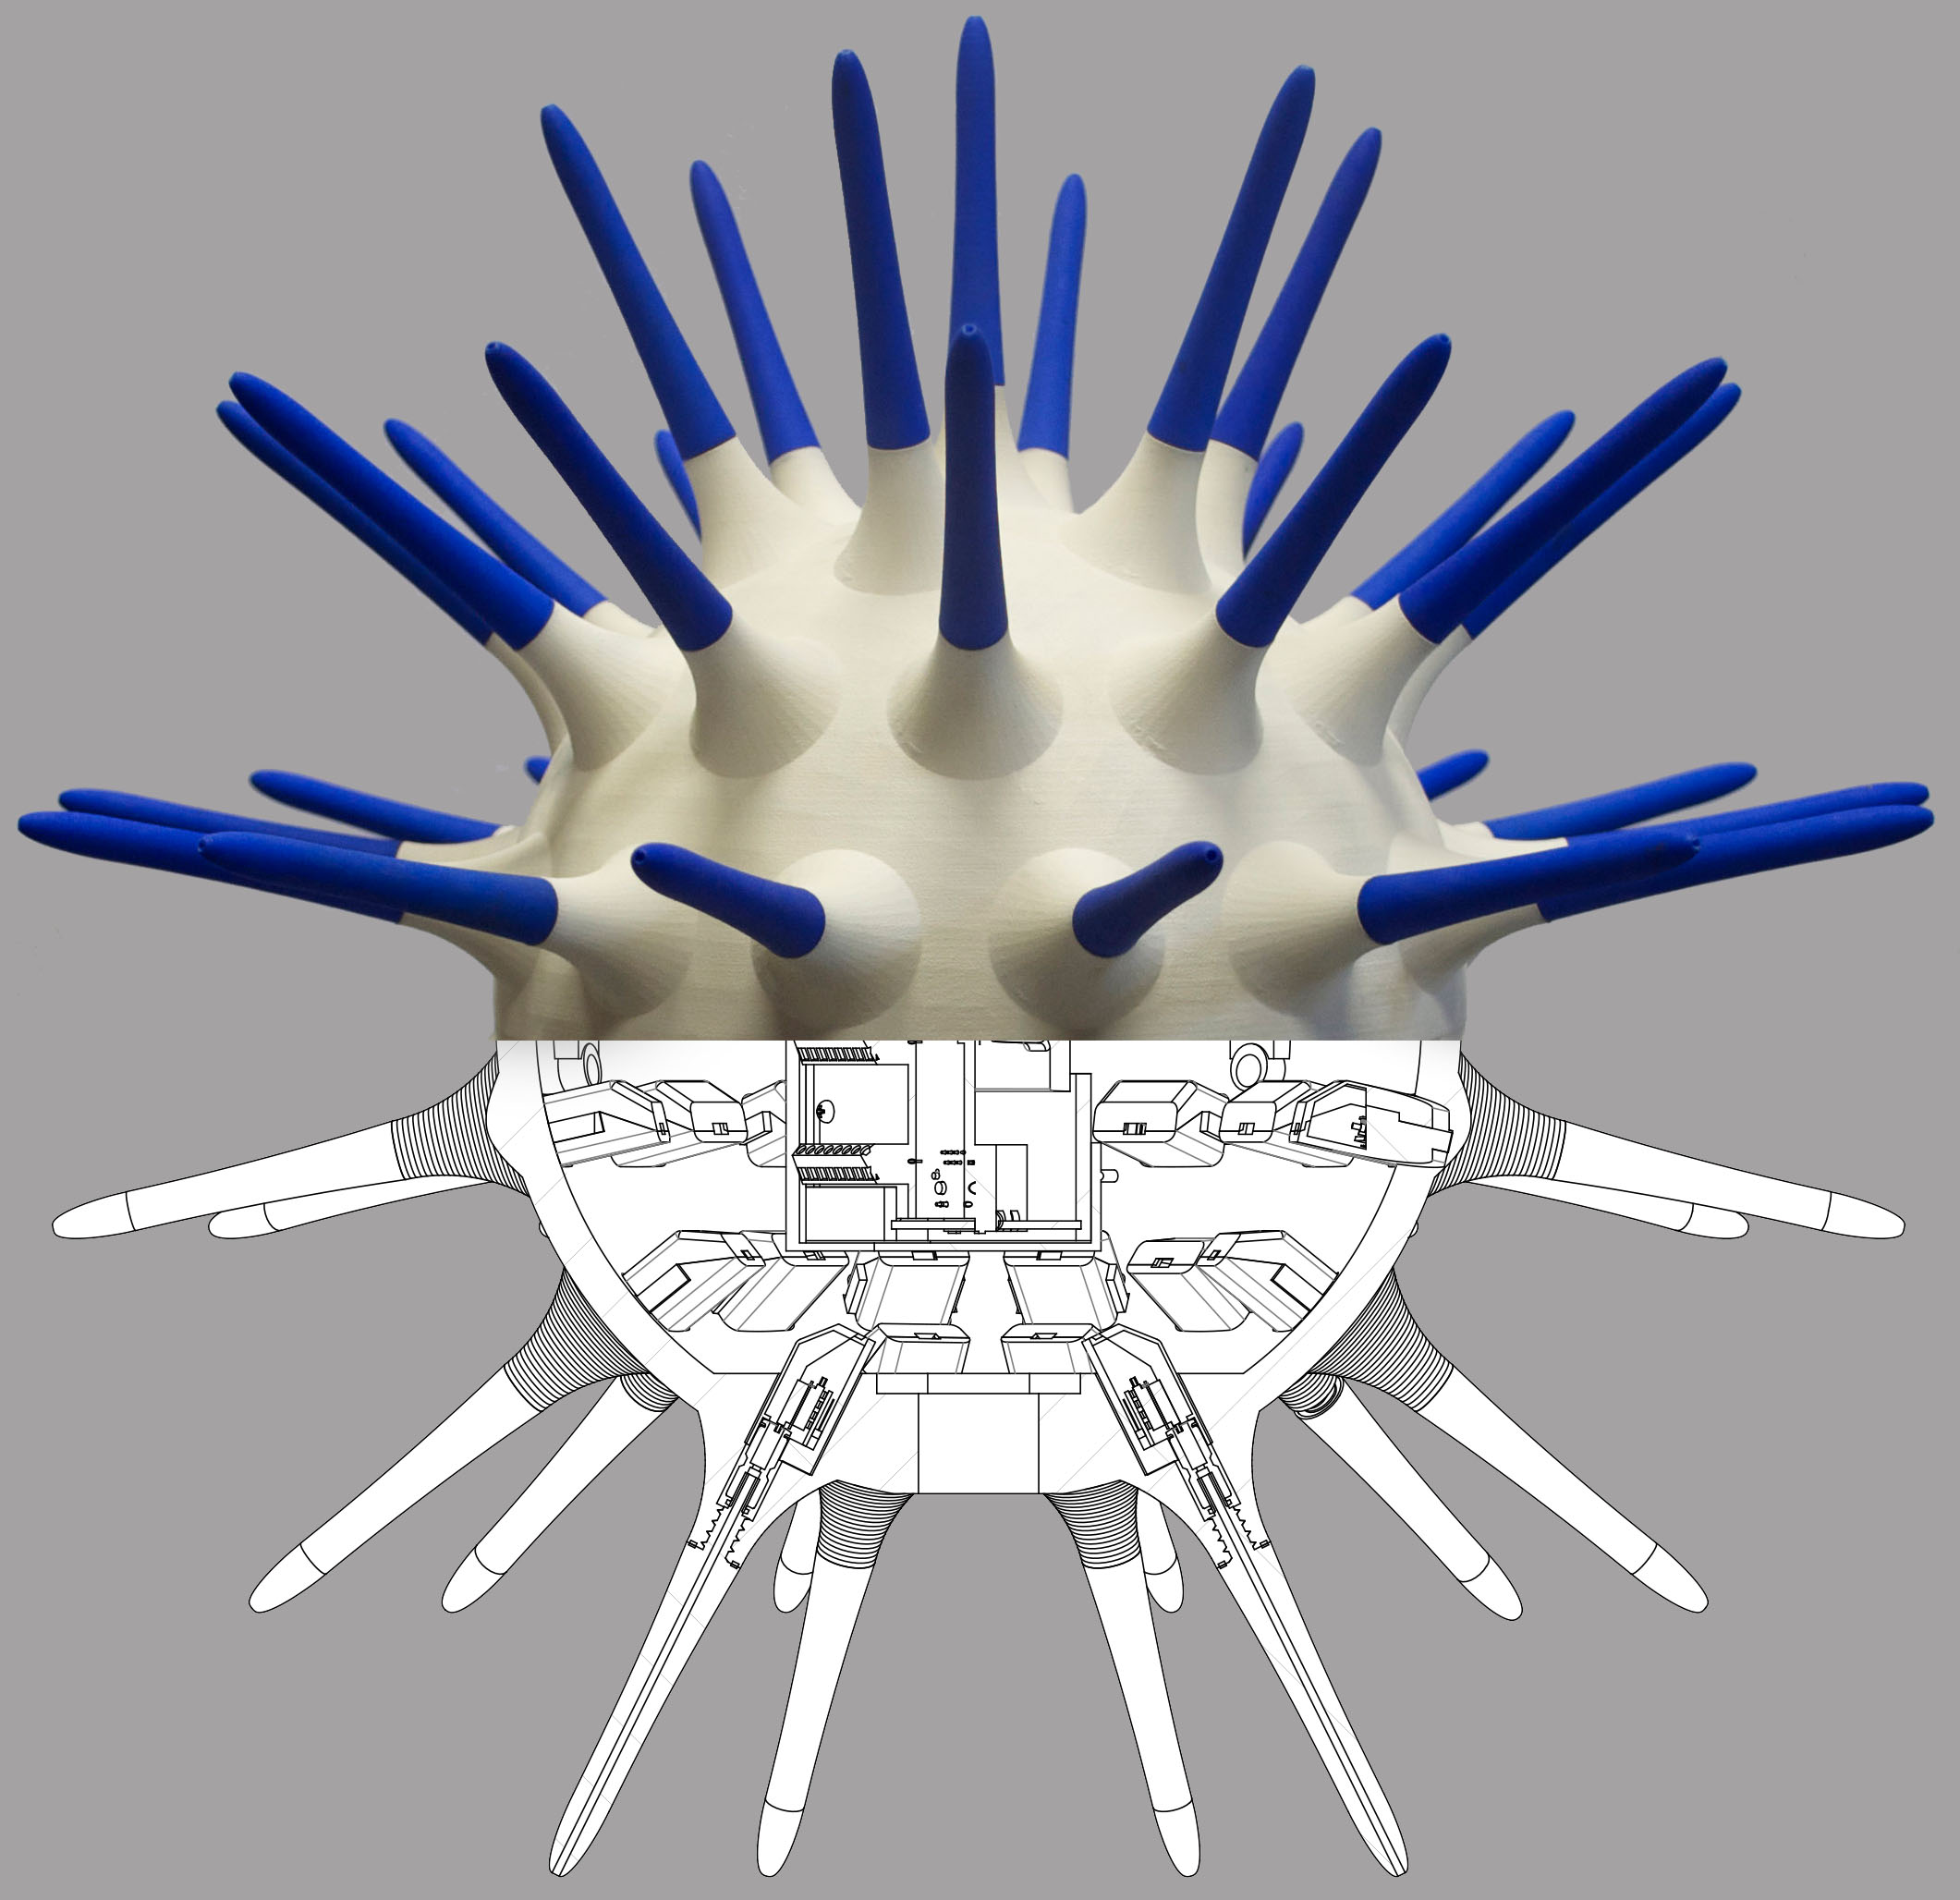 windurchinstructure.jpg